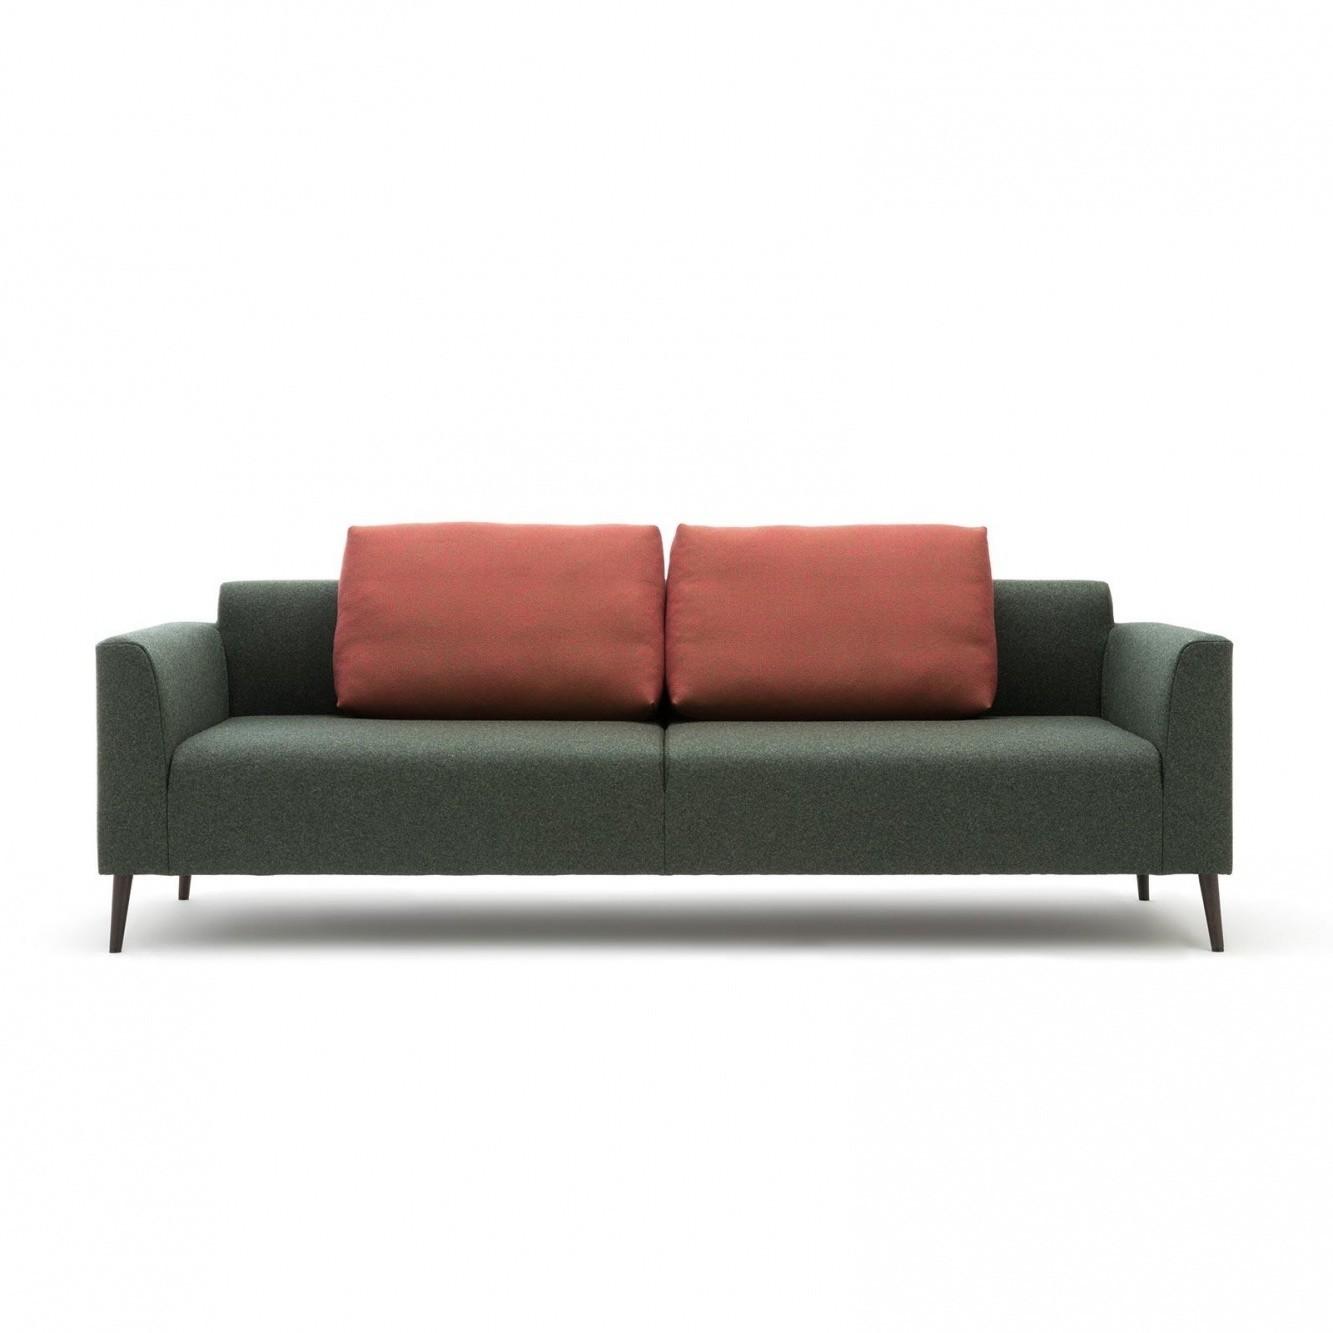 freistil rolf benz freistil 162 3 sitzer sofa ambientedirect. Black Bedroom Furniture Sets. Home Design Ideas